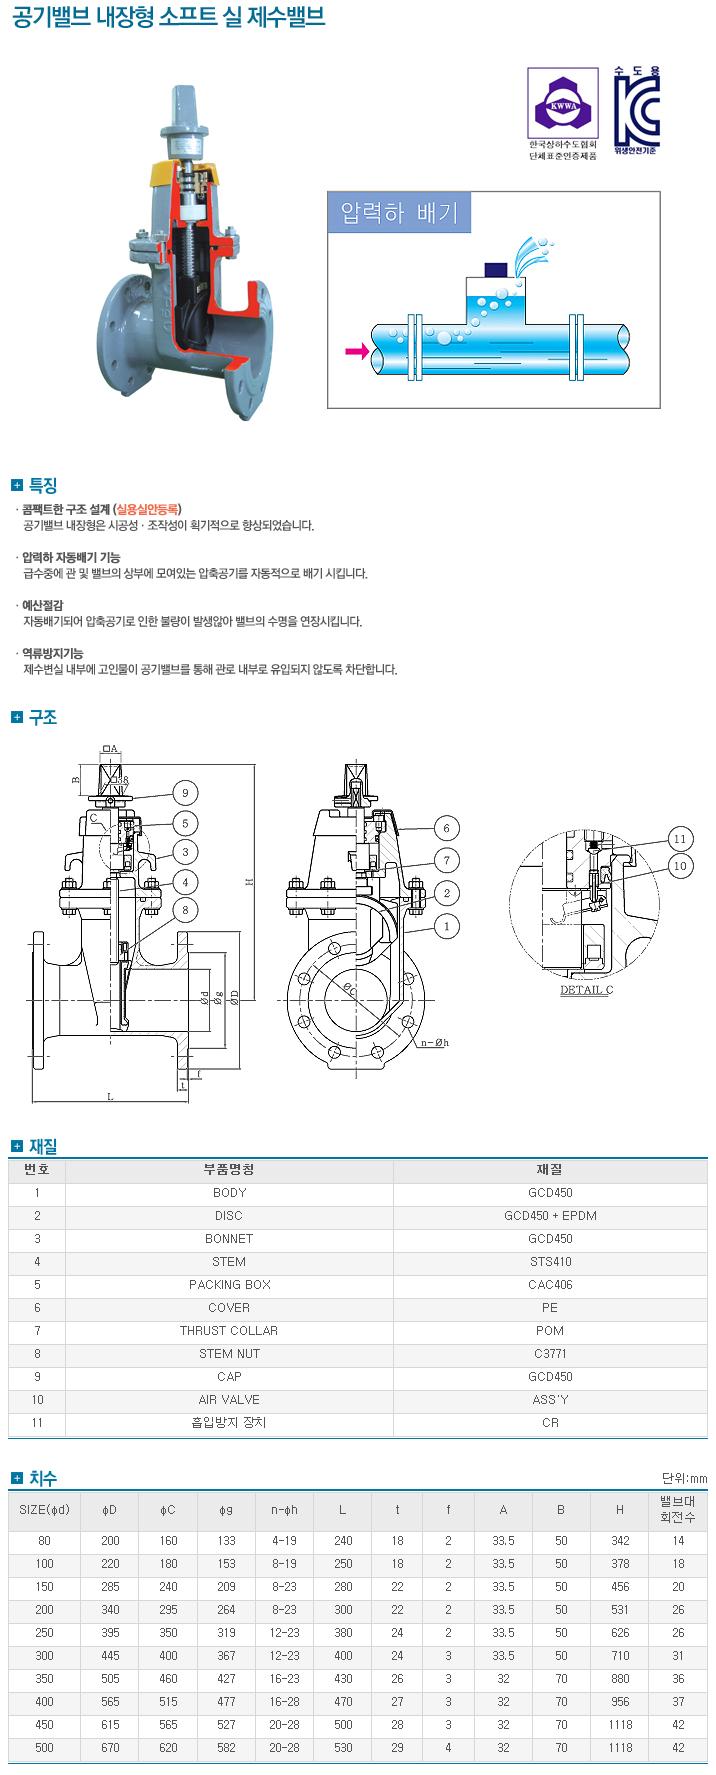 (주)신진정공 공기밸브 내장형 소프트 실 제수밸브